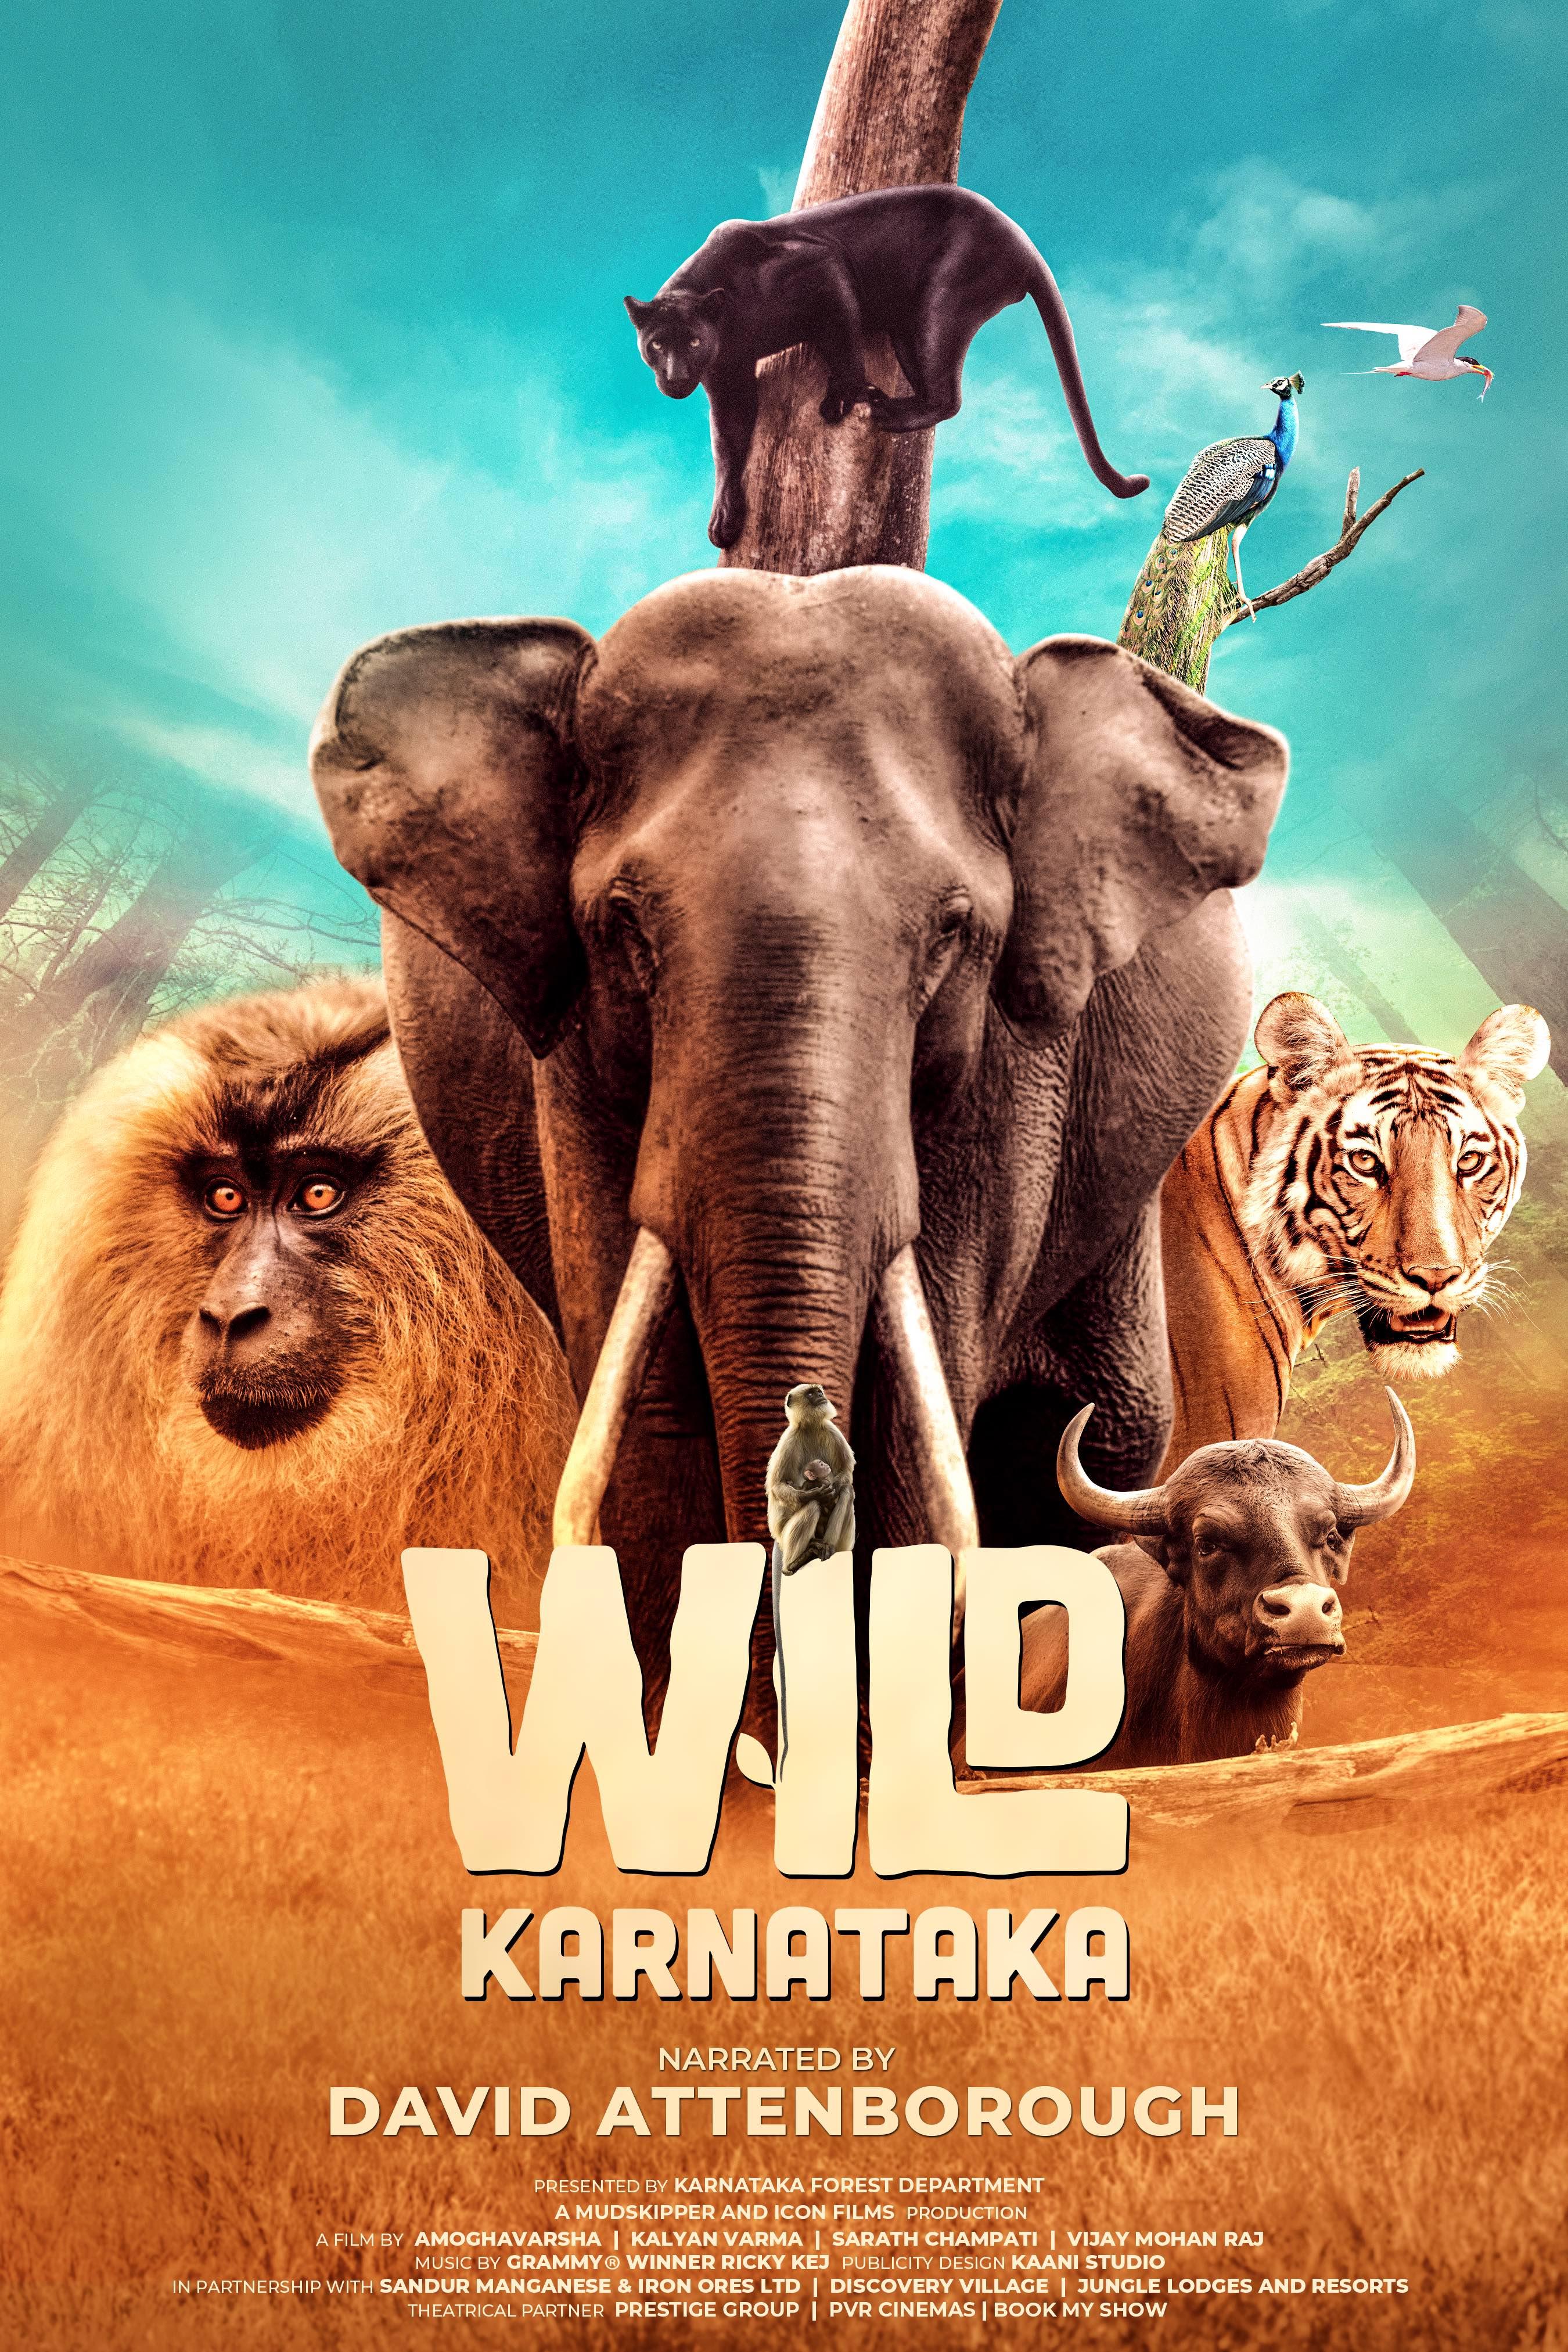 فيلم Wild Karnataka 2020 مترجم اون لاين